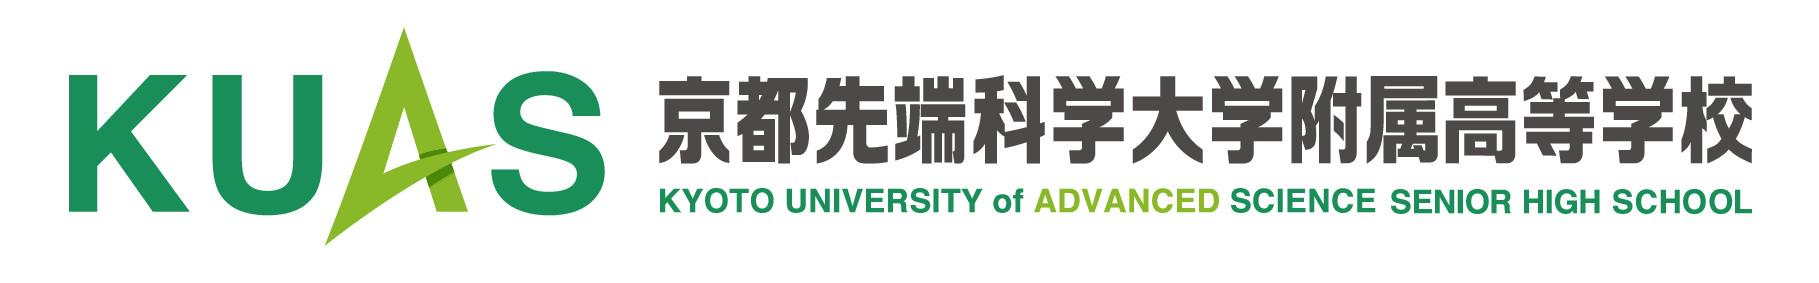 京都先端科学大学附属高等学校